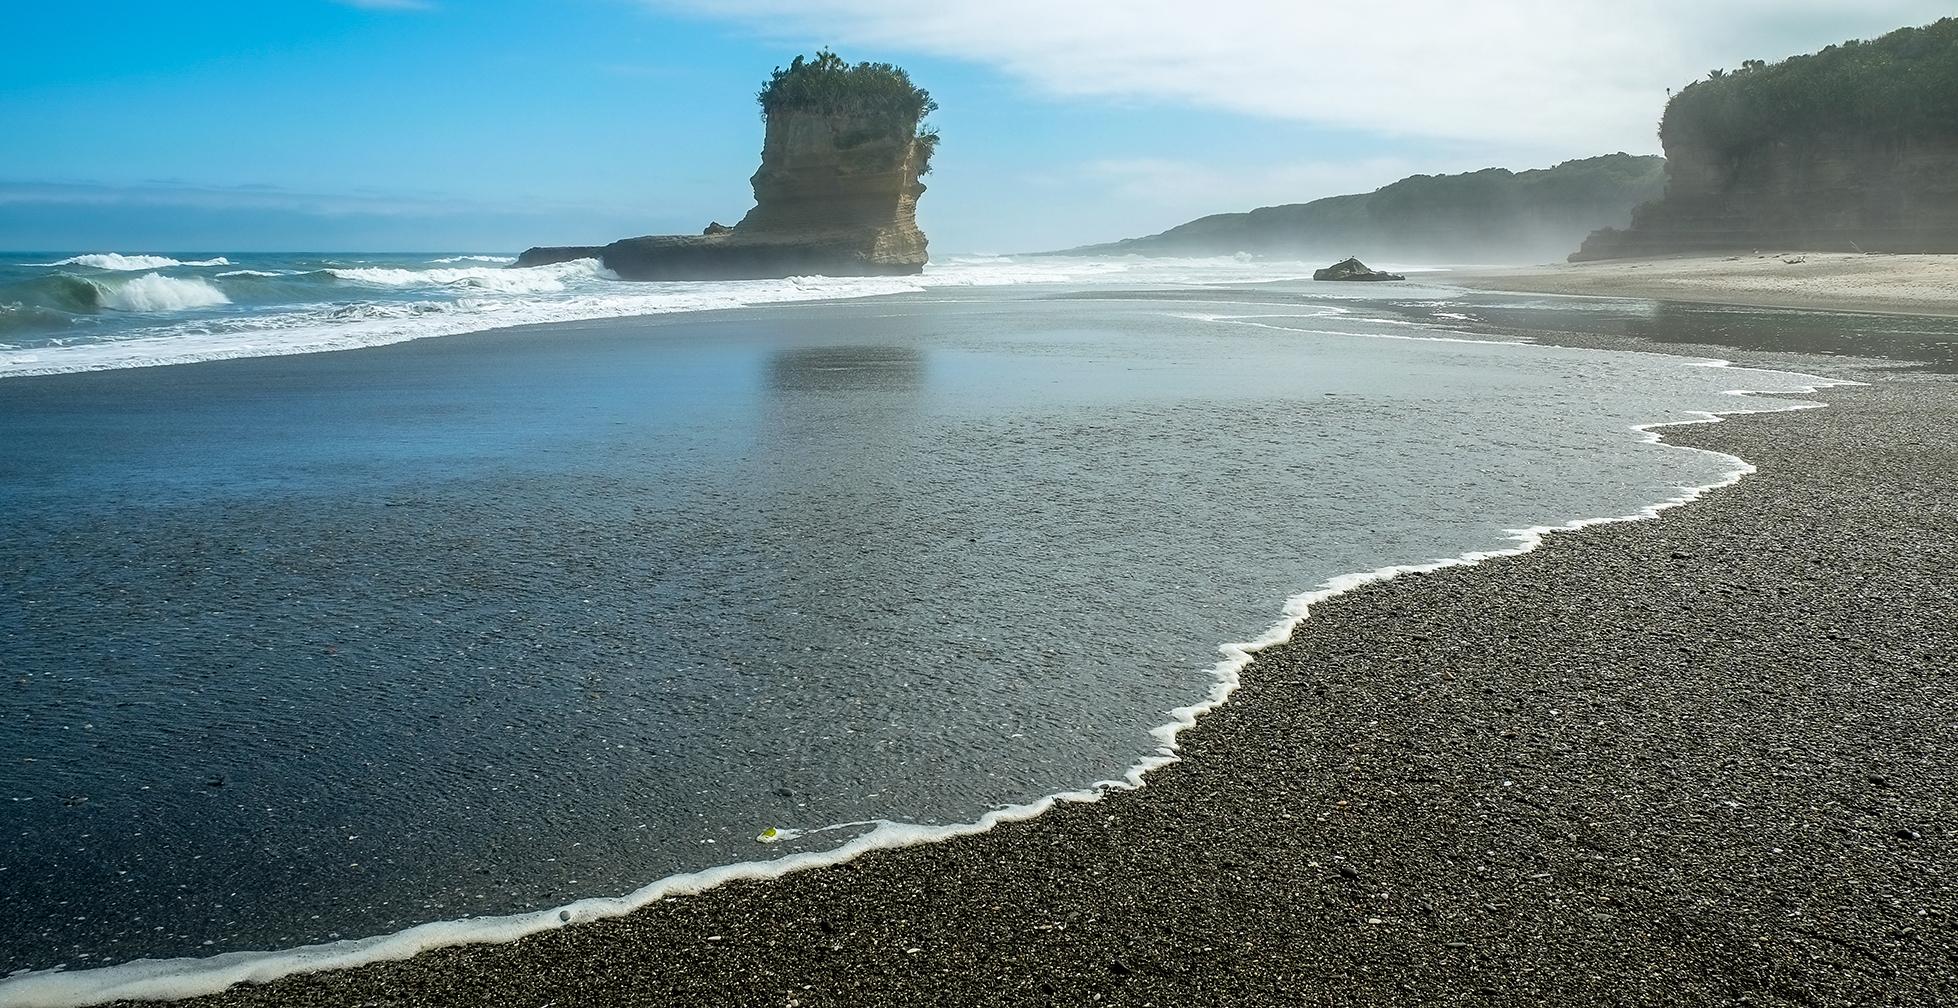 Punakaiki seashore, New Zealand